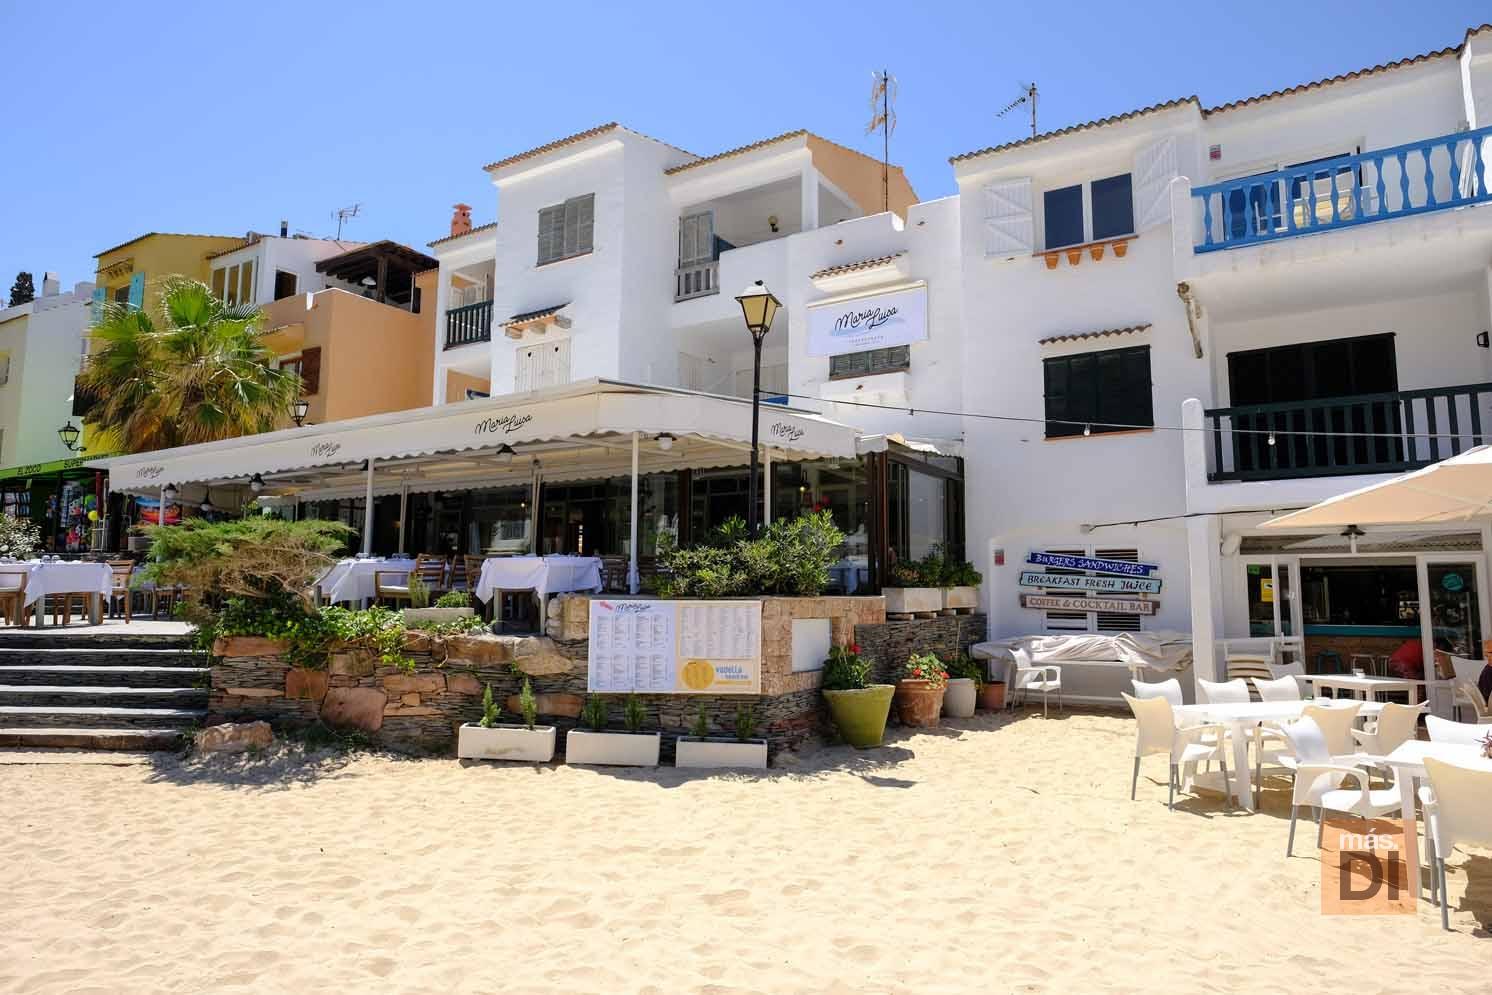 Referente de la buena cocina de Ibiza